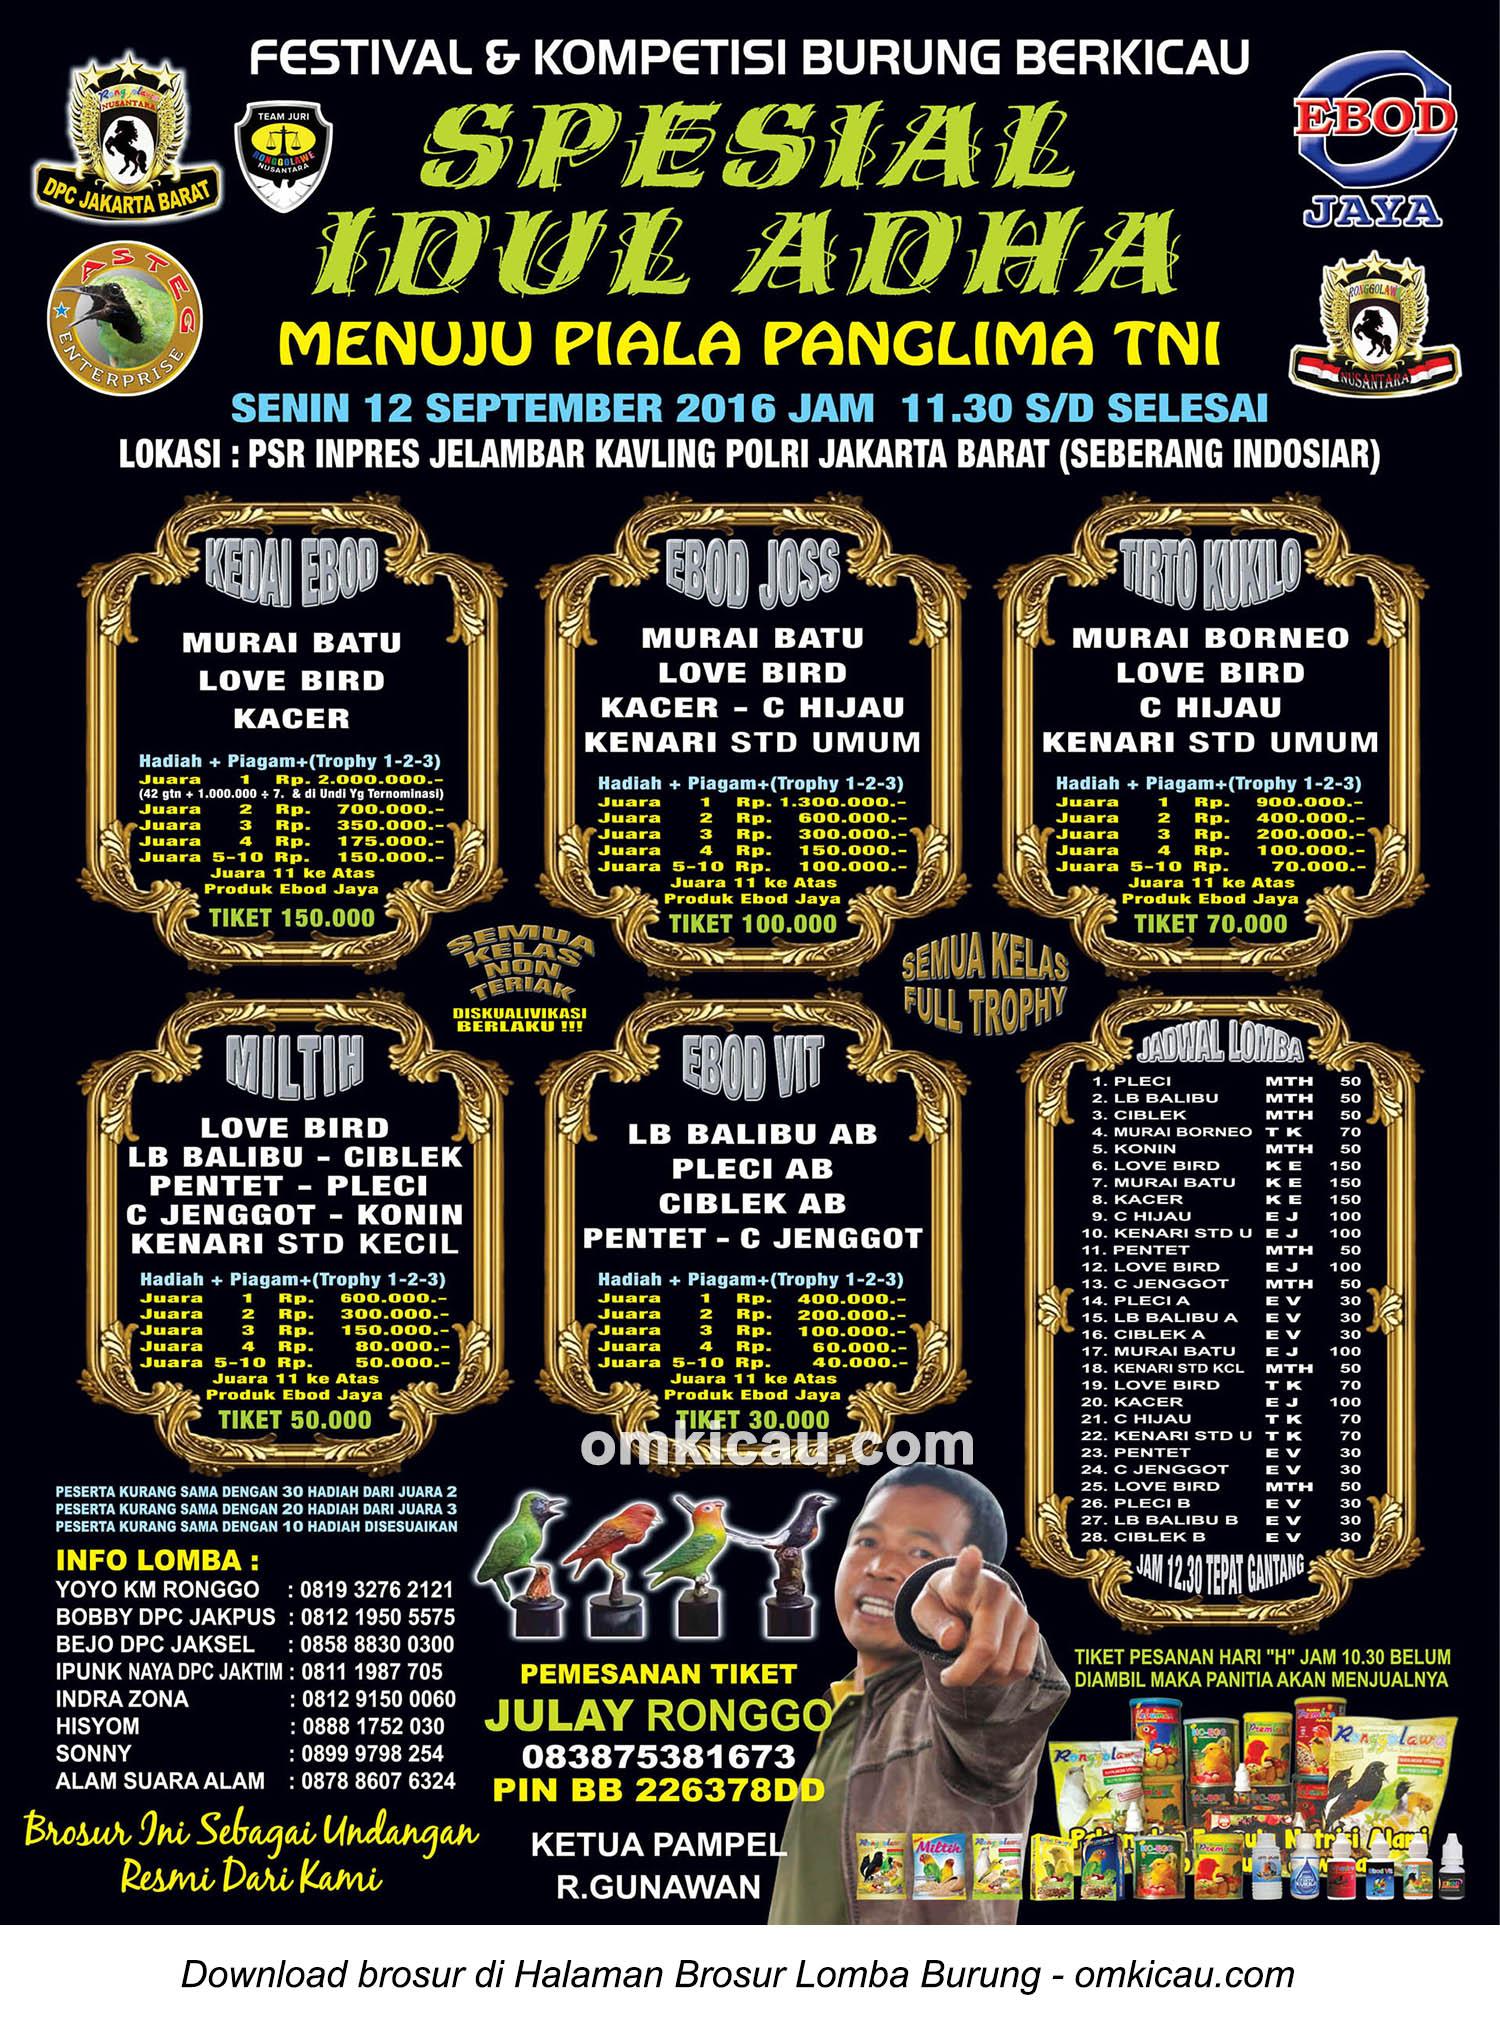 Brosur Lomba Burung Berkicau Spesial Idul Adha Asteg Ent, Jakarta Barat, 12 September 2016